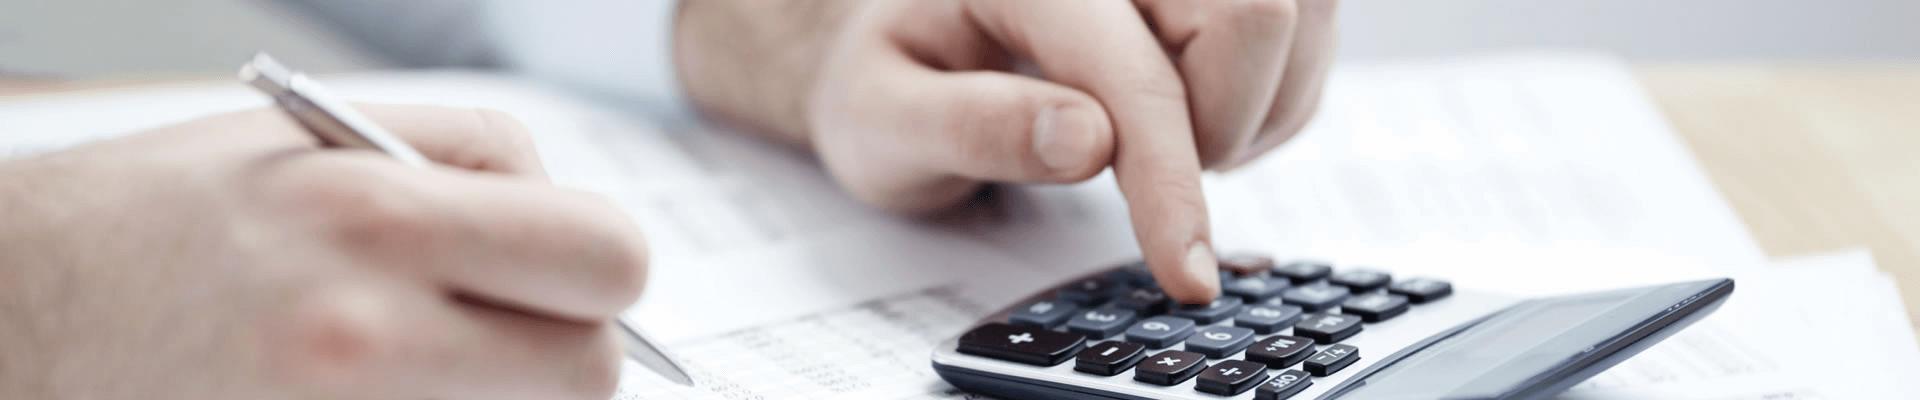 МФО просят о послаблениях и поддержке со стороны государства